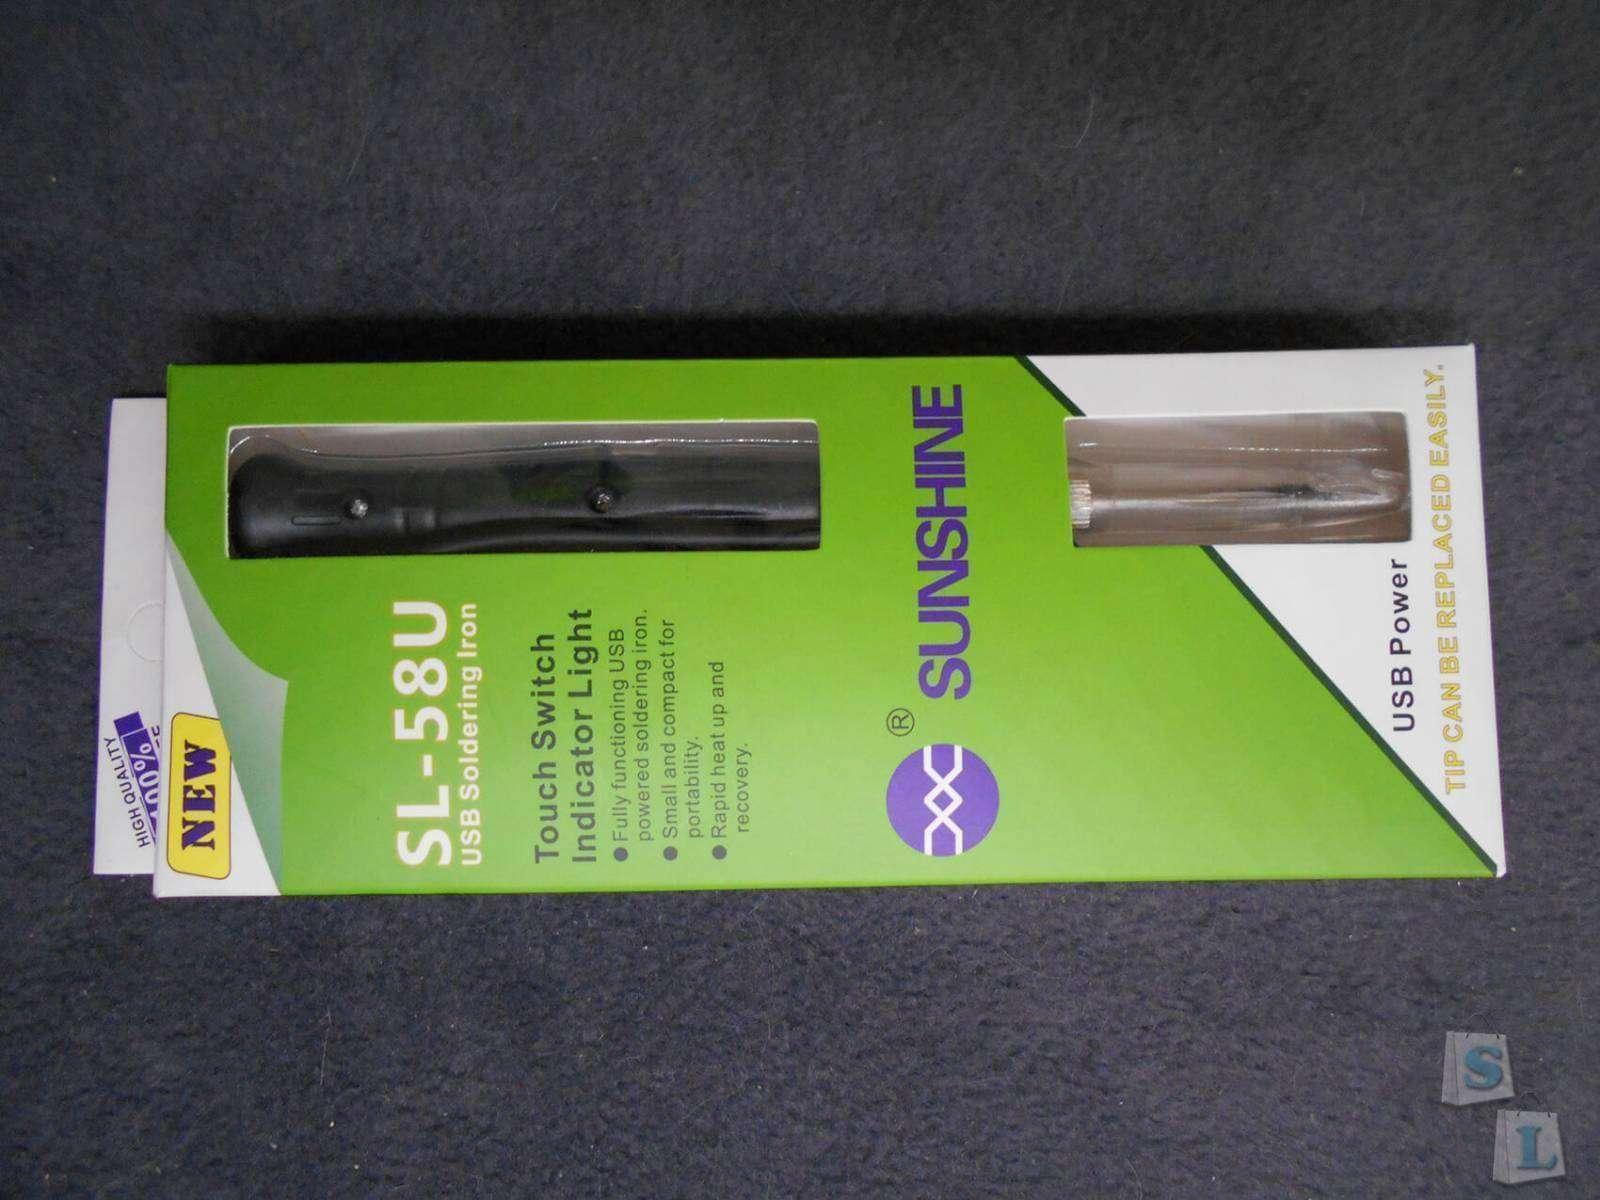 Aliexpress: Компактный мини паяльник SL-58U на 8 ватт питающийся от USB.